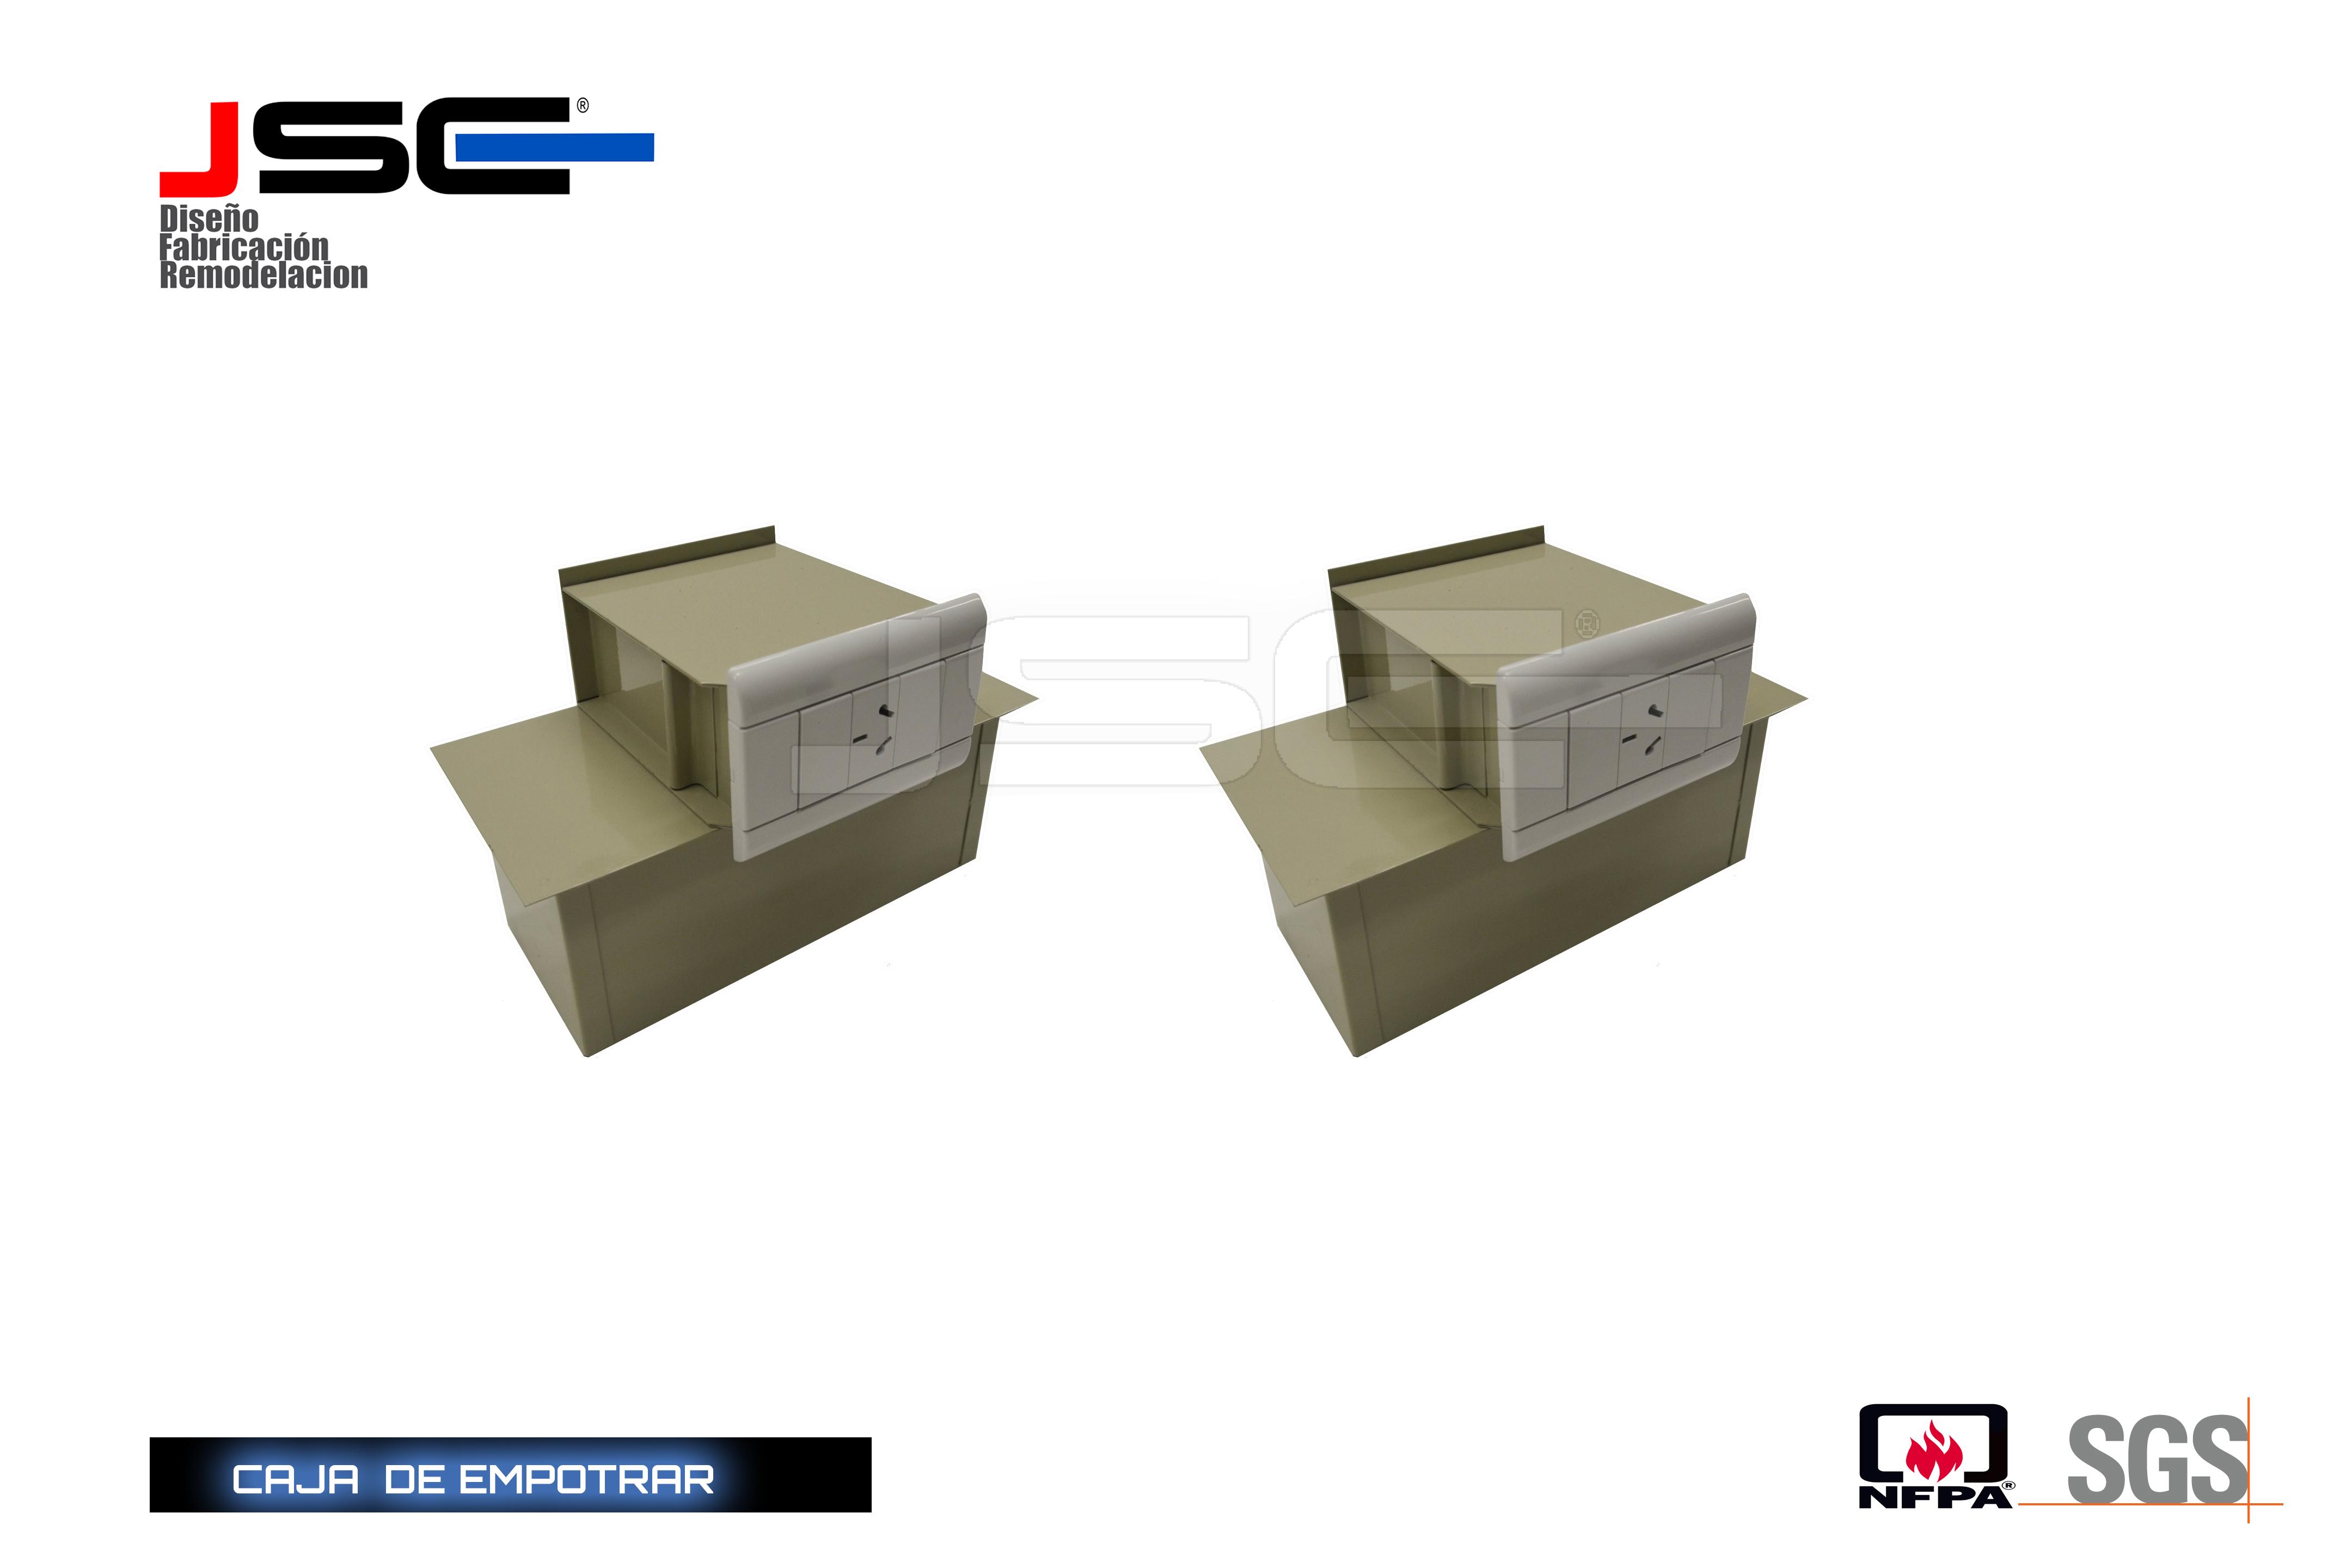 Caja de empotrar JSCE009